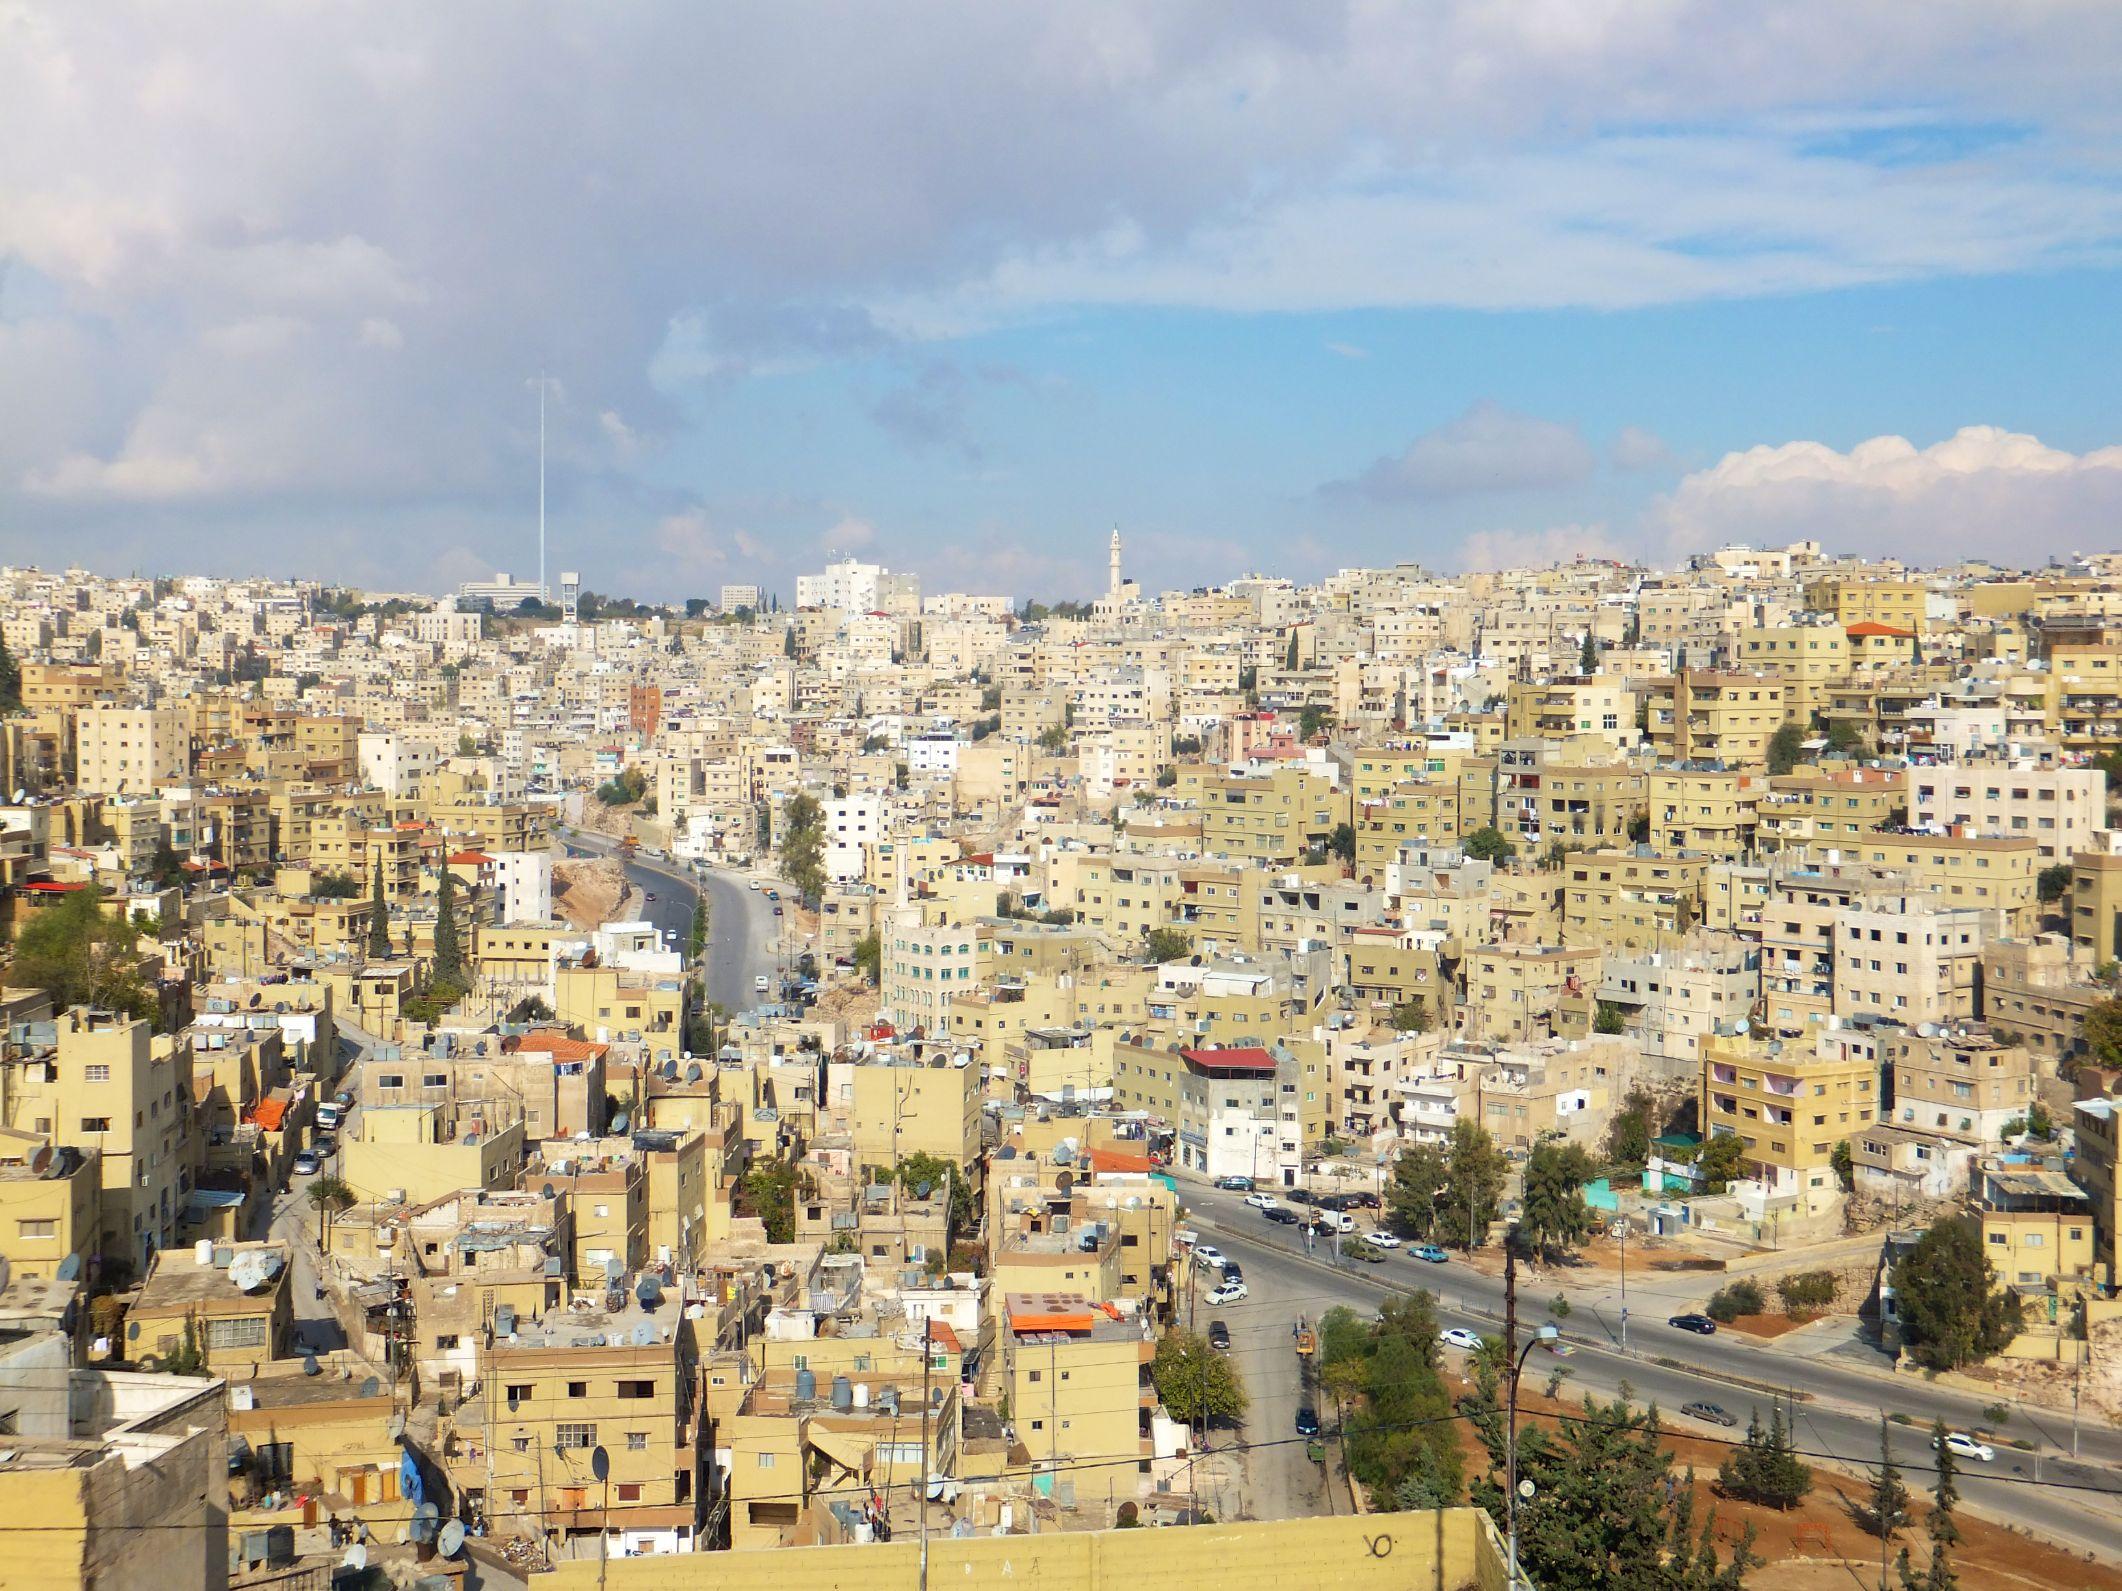 Amman – Eine Hauptstadt ohne Flair und Sightseeings